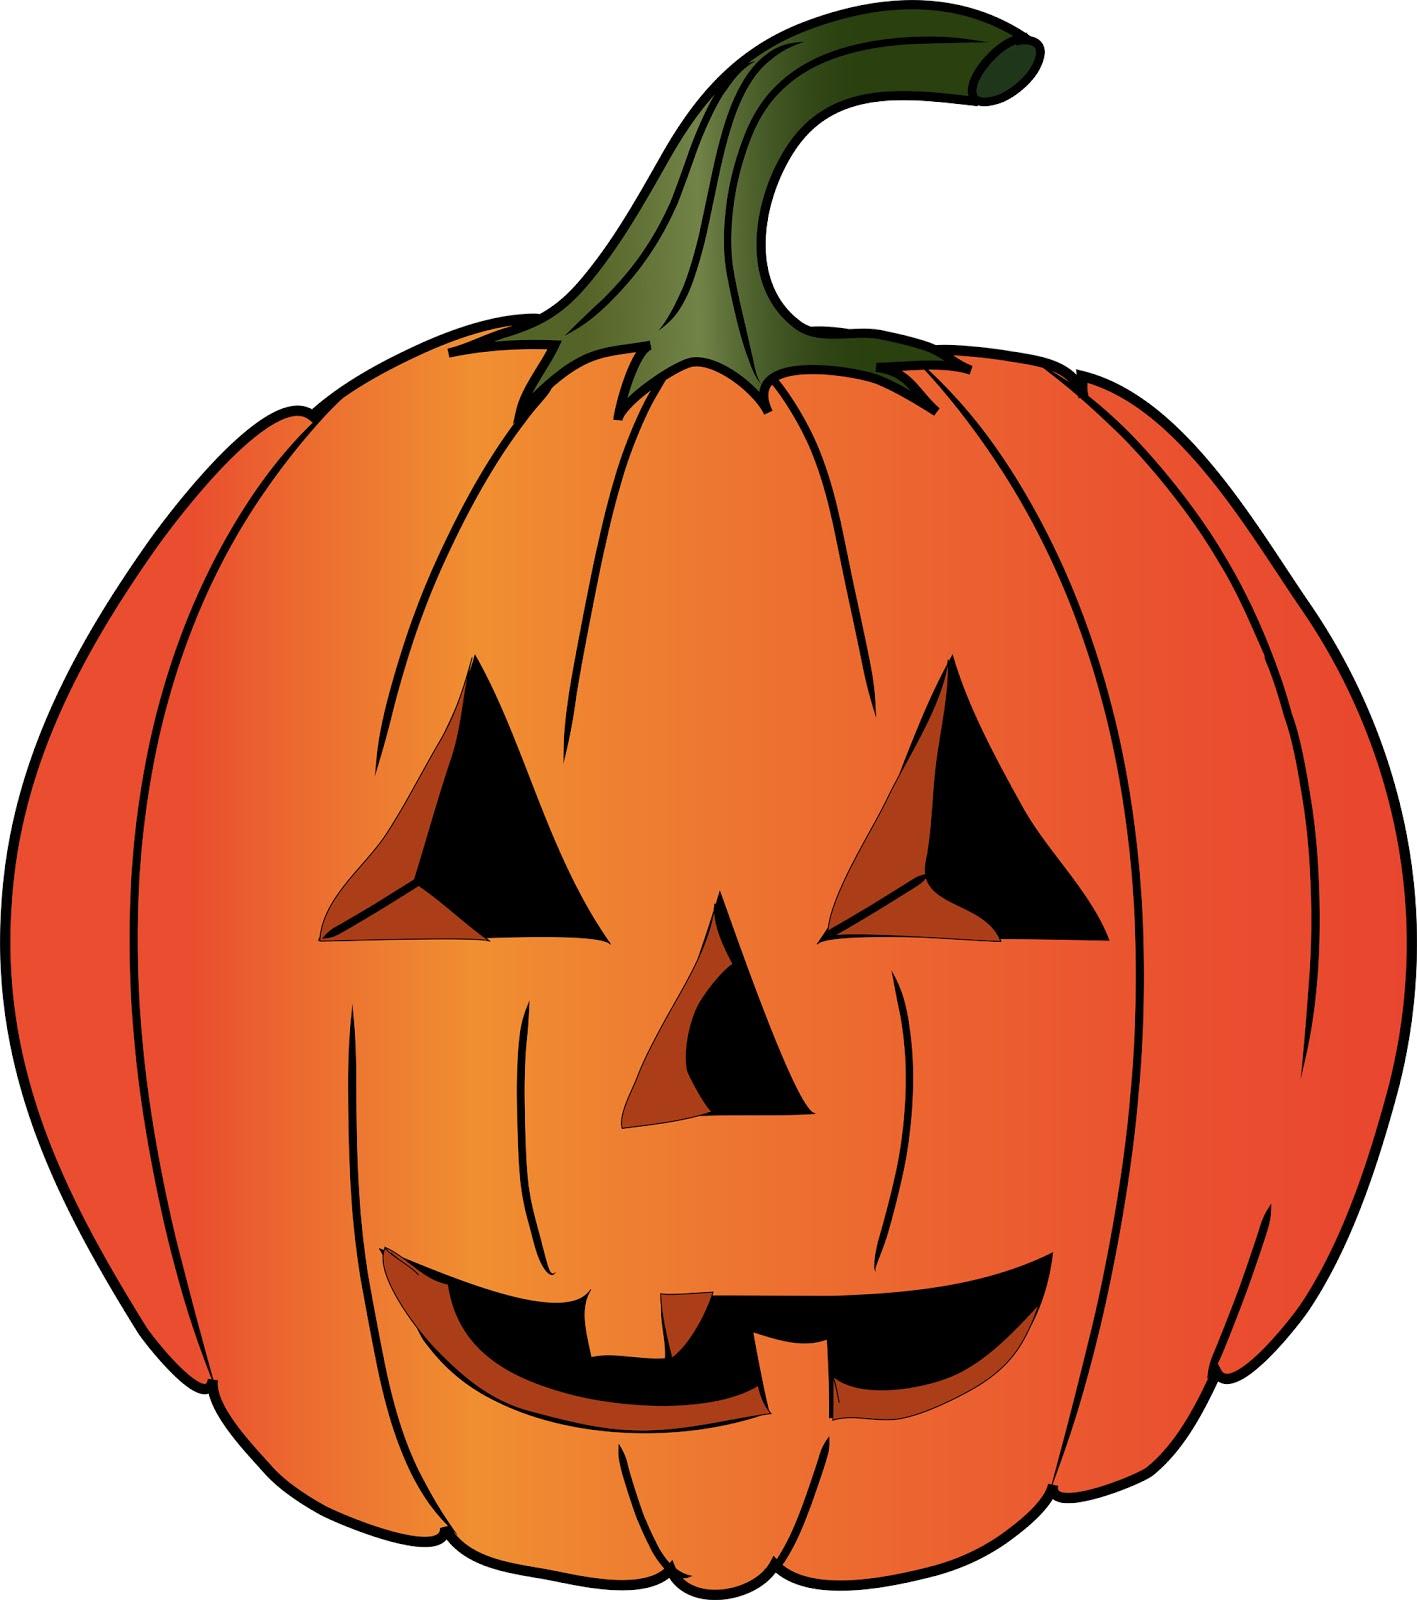 1417x1600 Halloween Pumpkin Carving Clipart